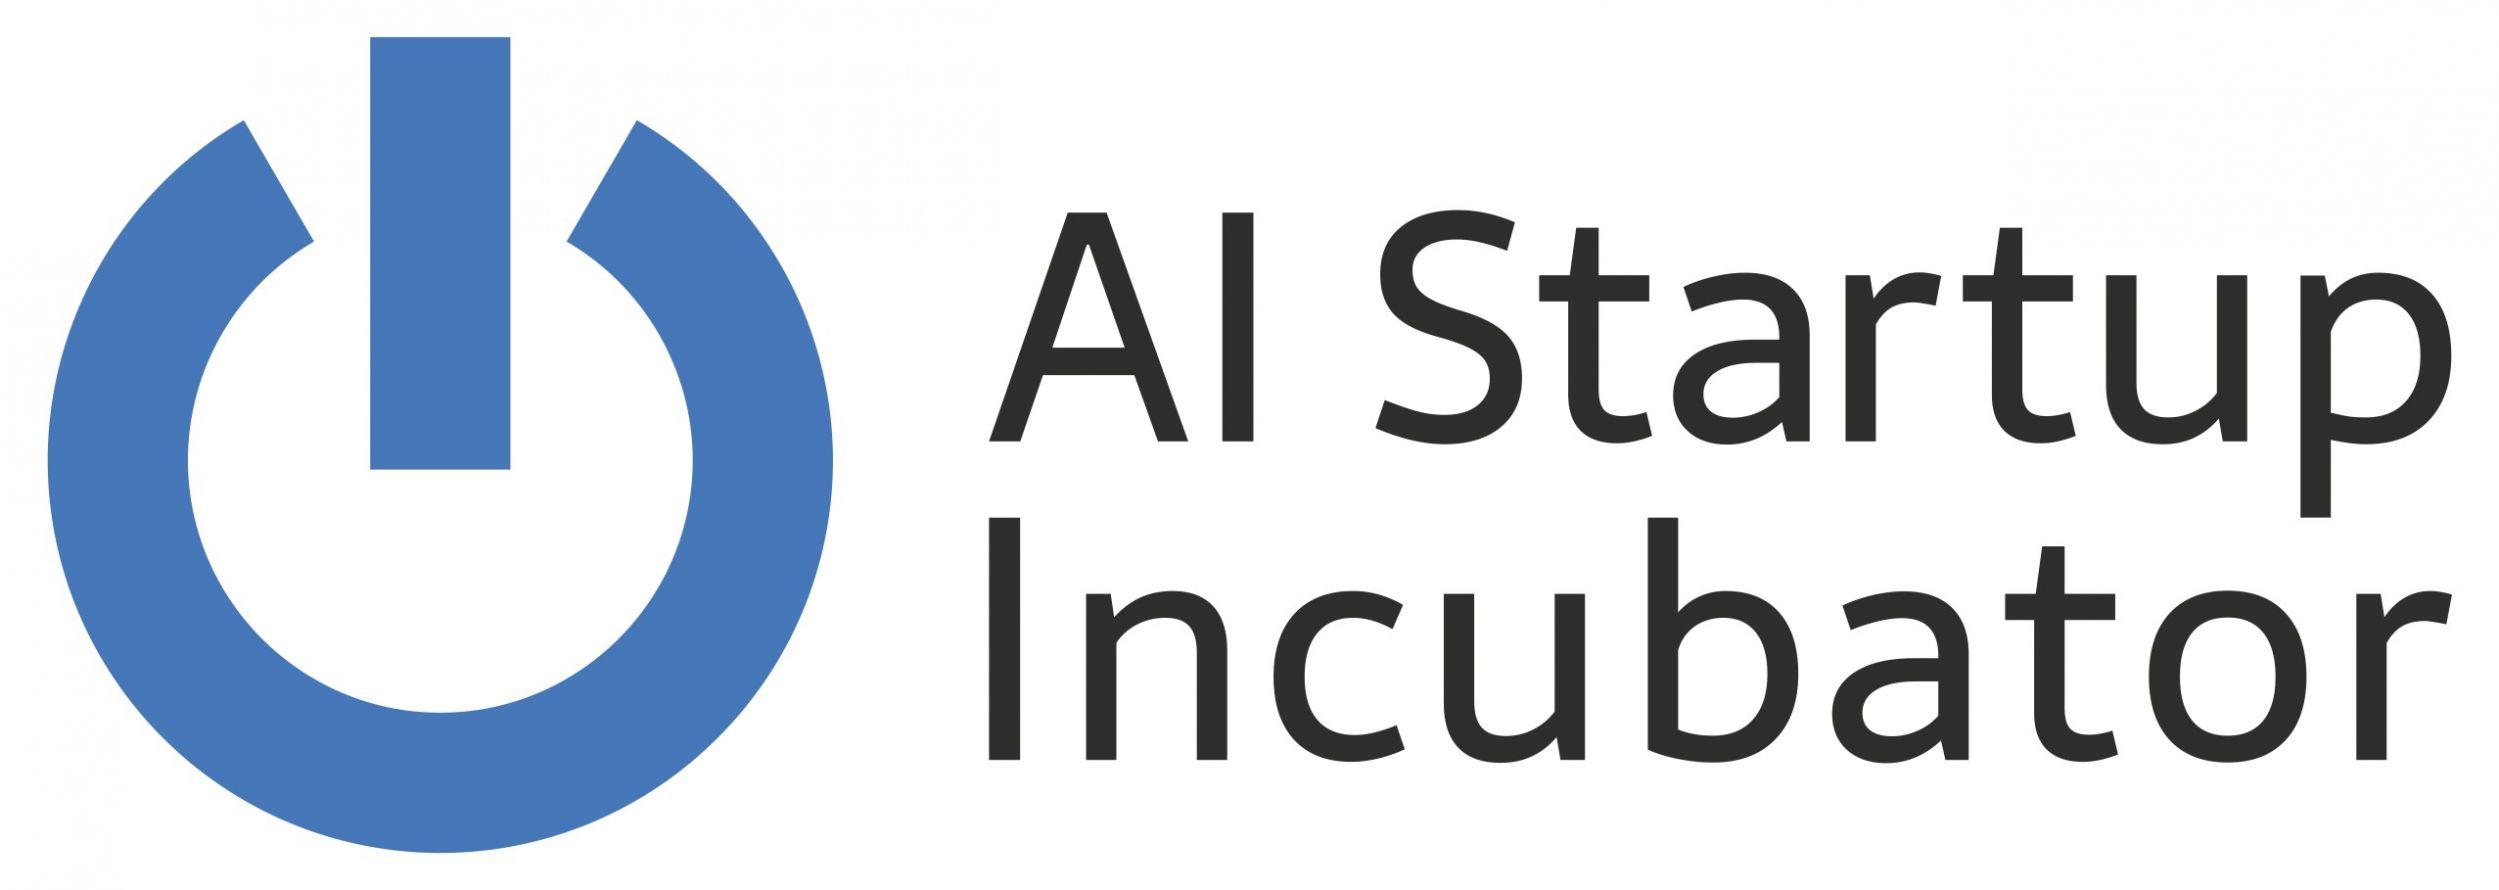 AIStartupIncubator Logo